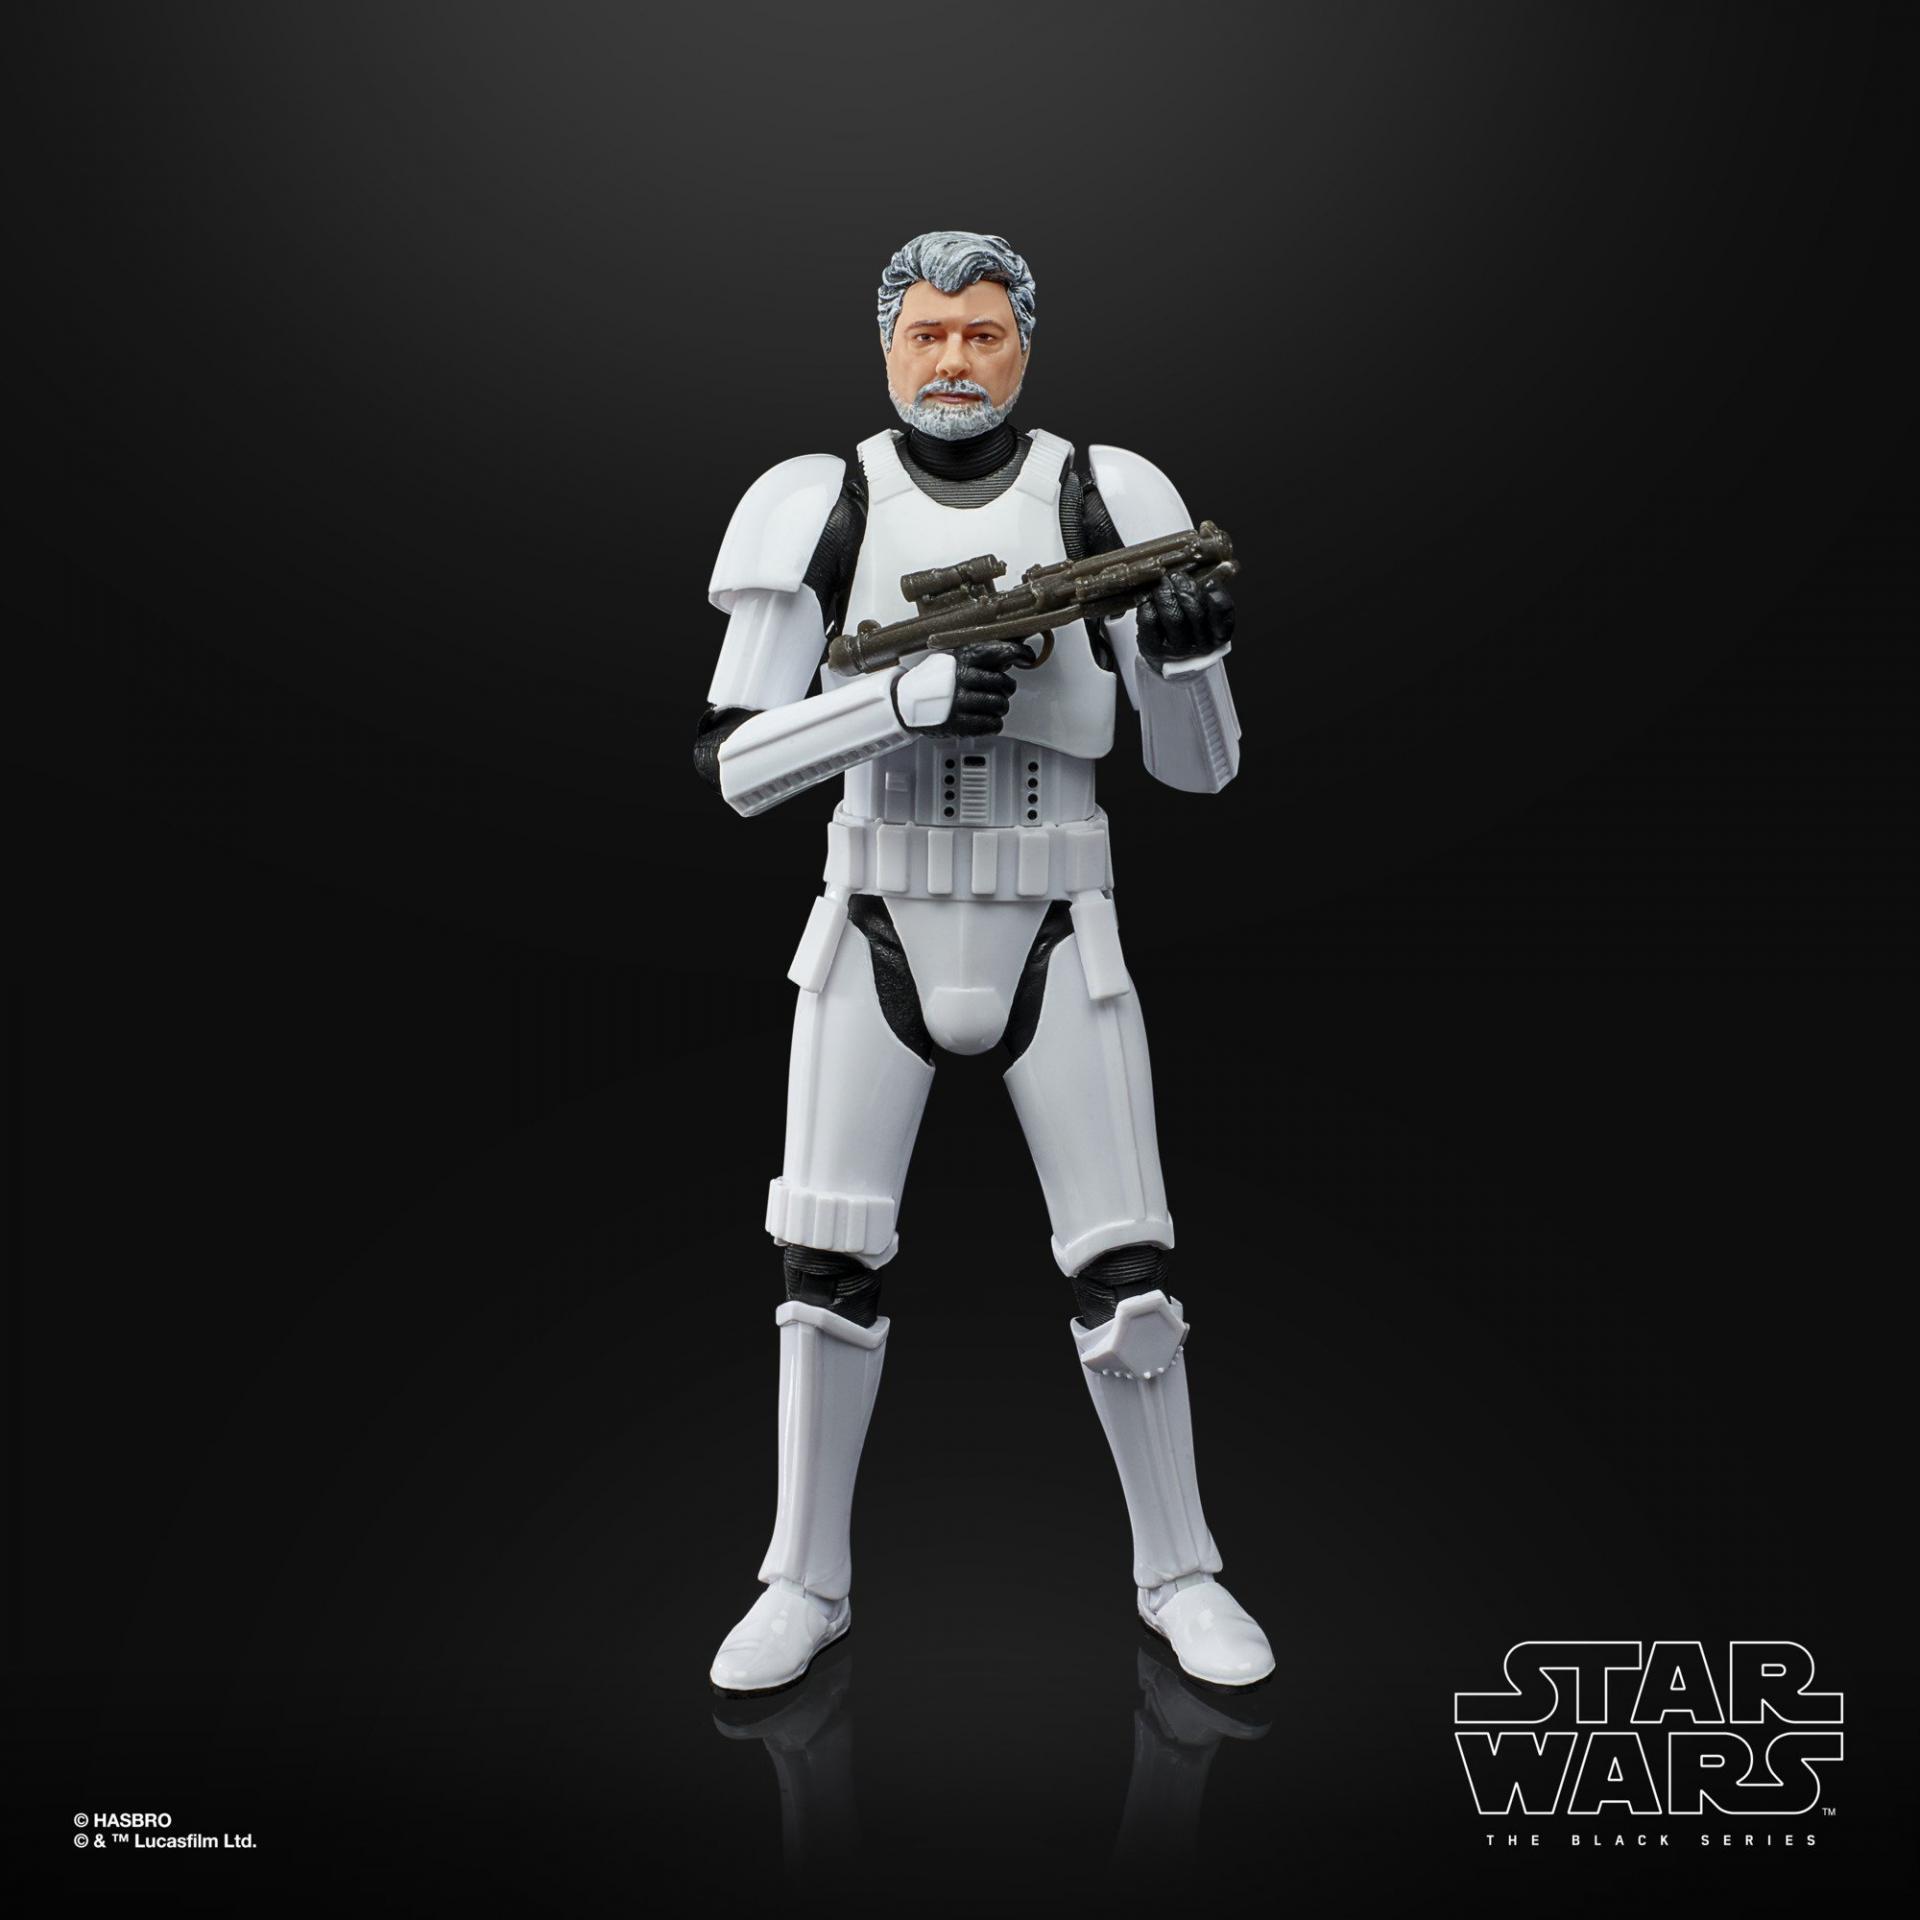 Star wars the black series george lucas in stormtrooper disguise 2